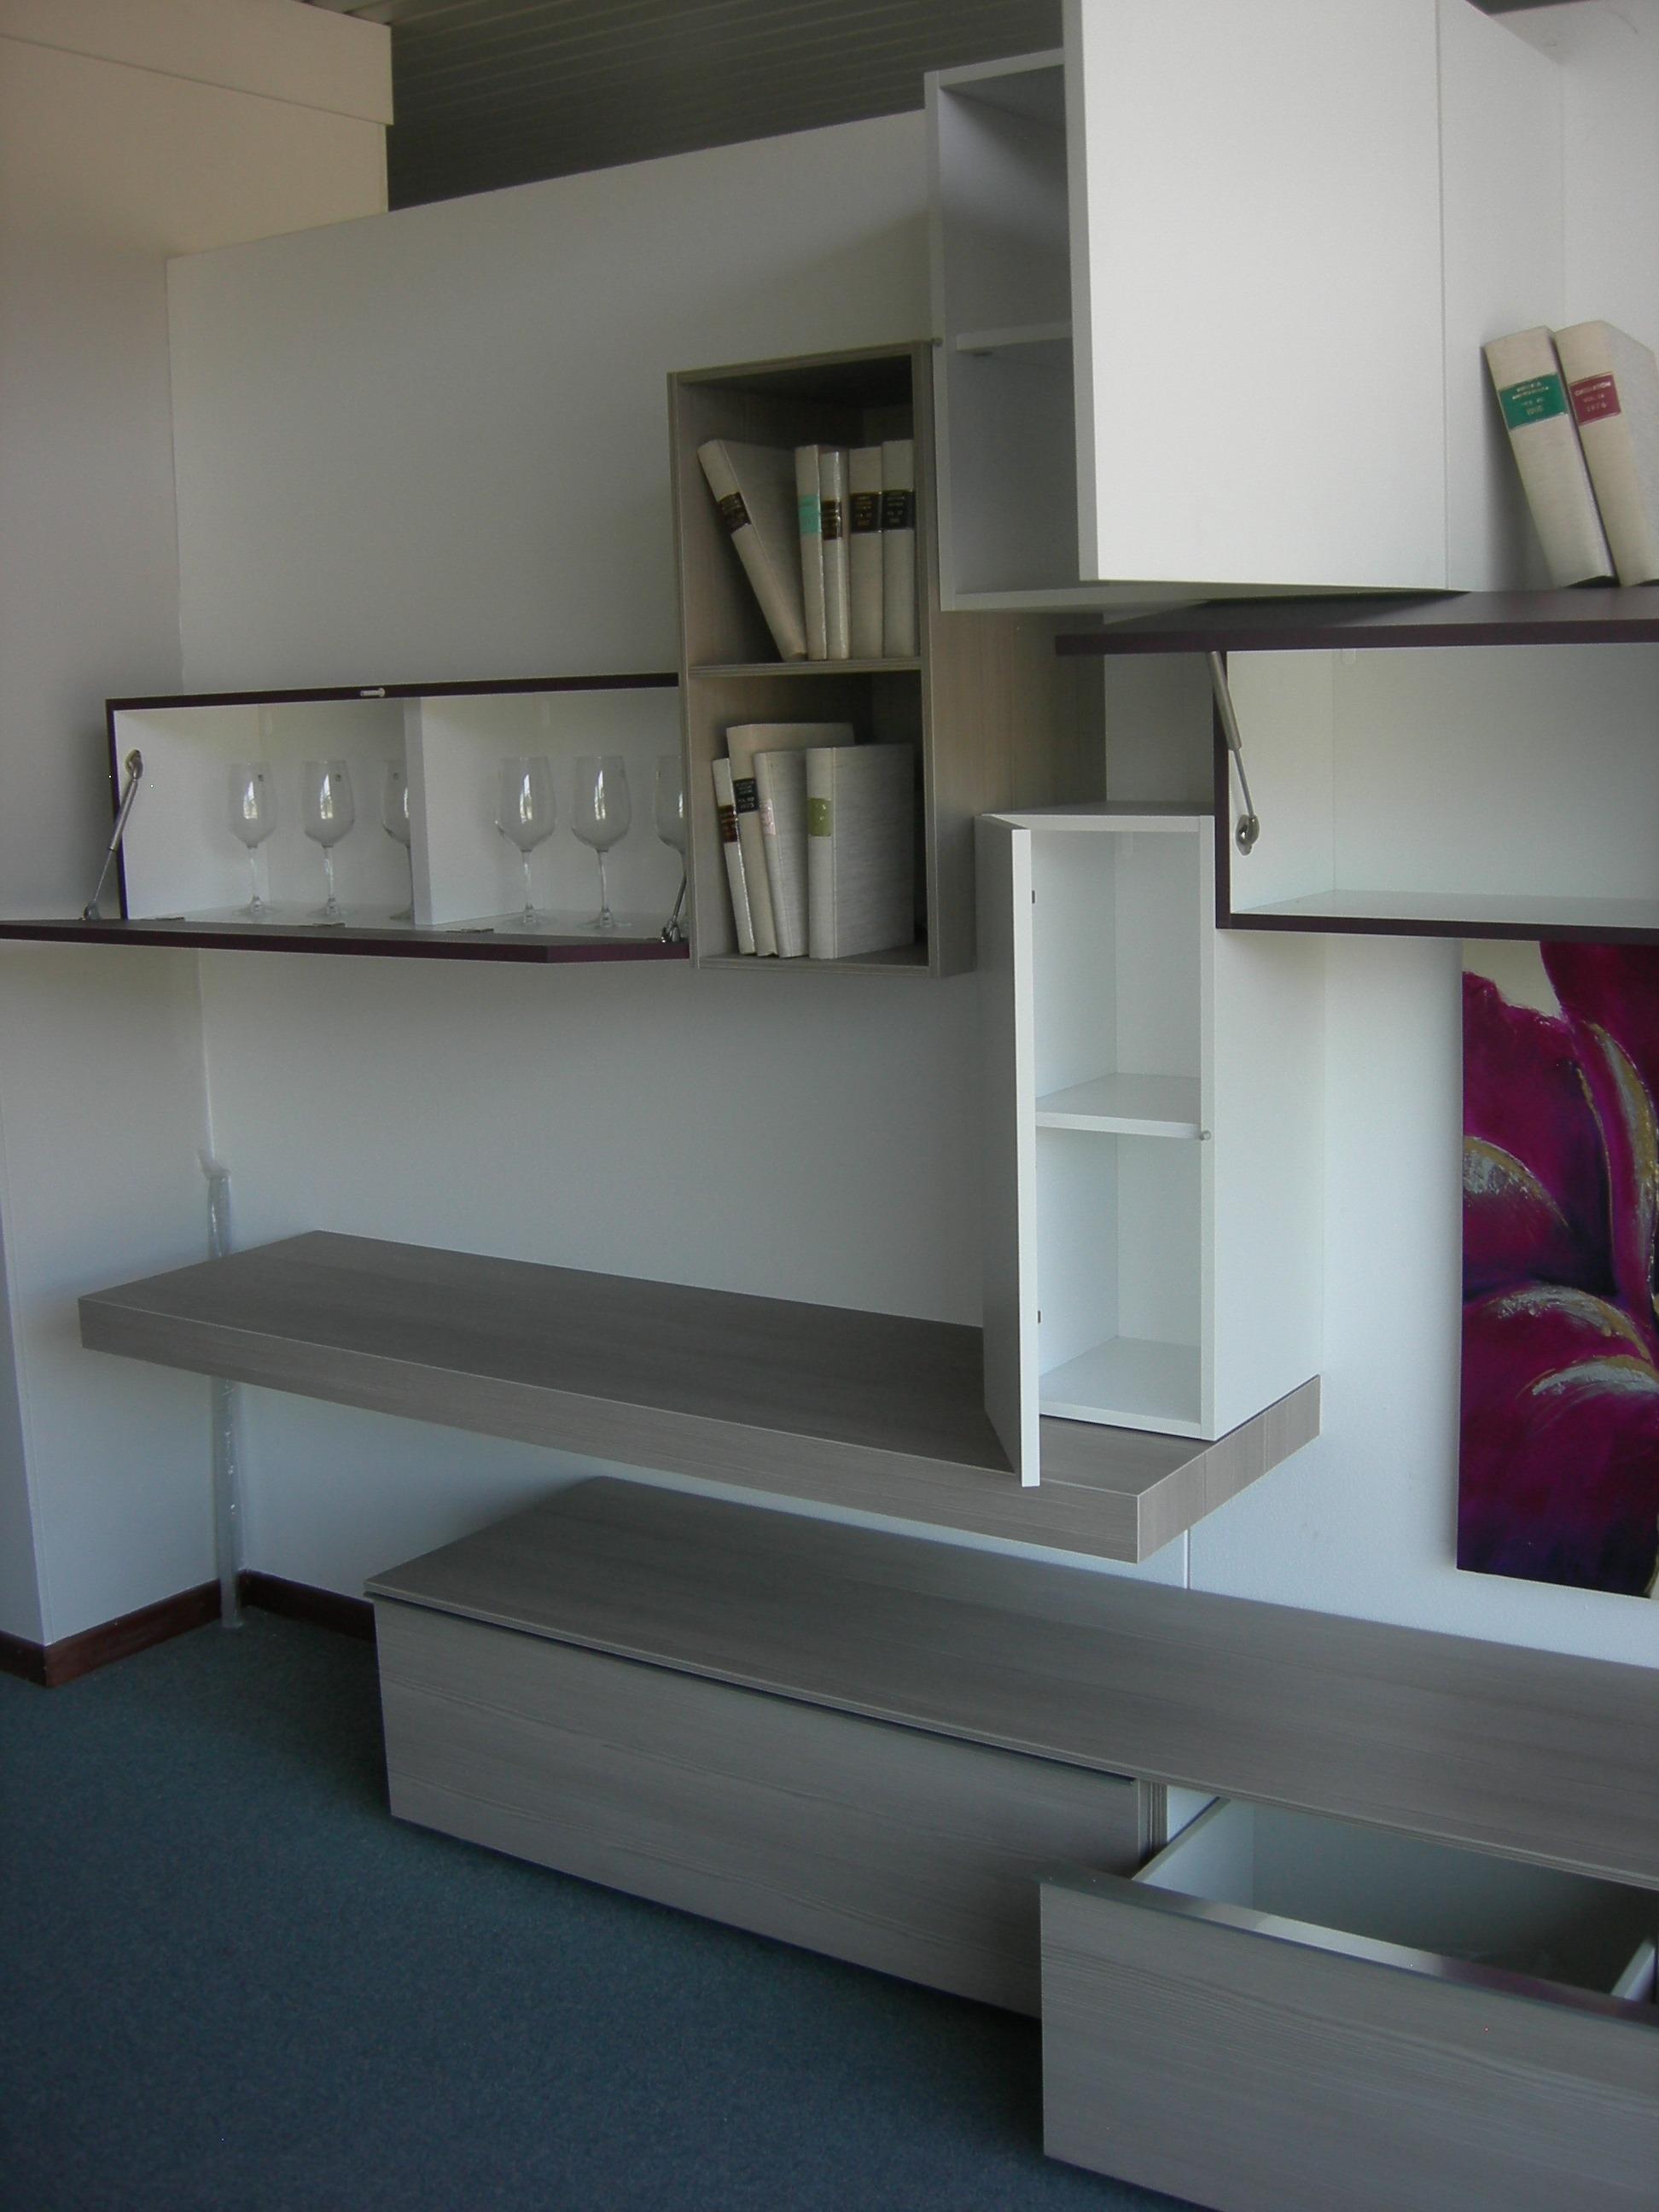 Imab Group Camere Da Letto - Idee Per La Casa - Douglasfalls.com